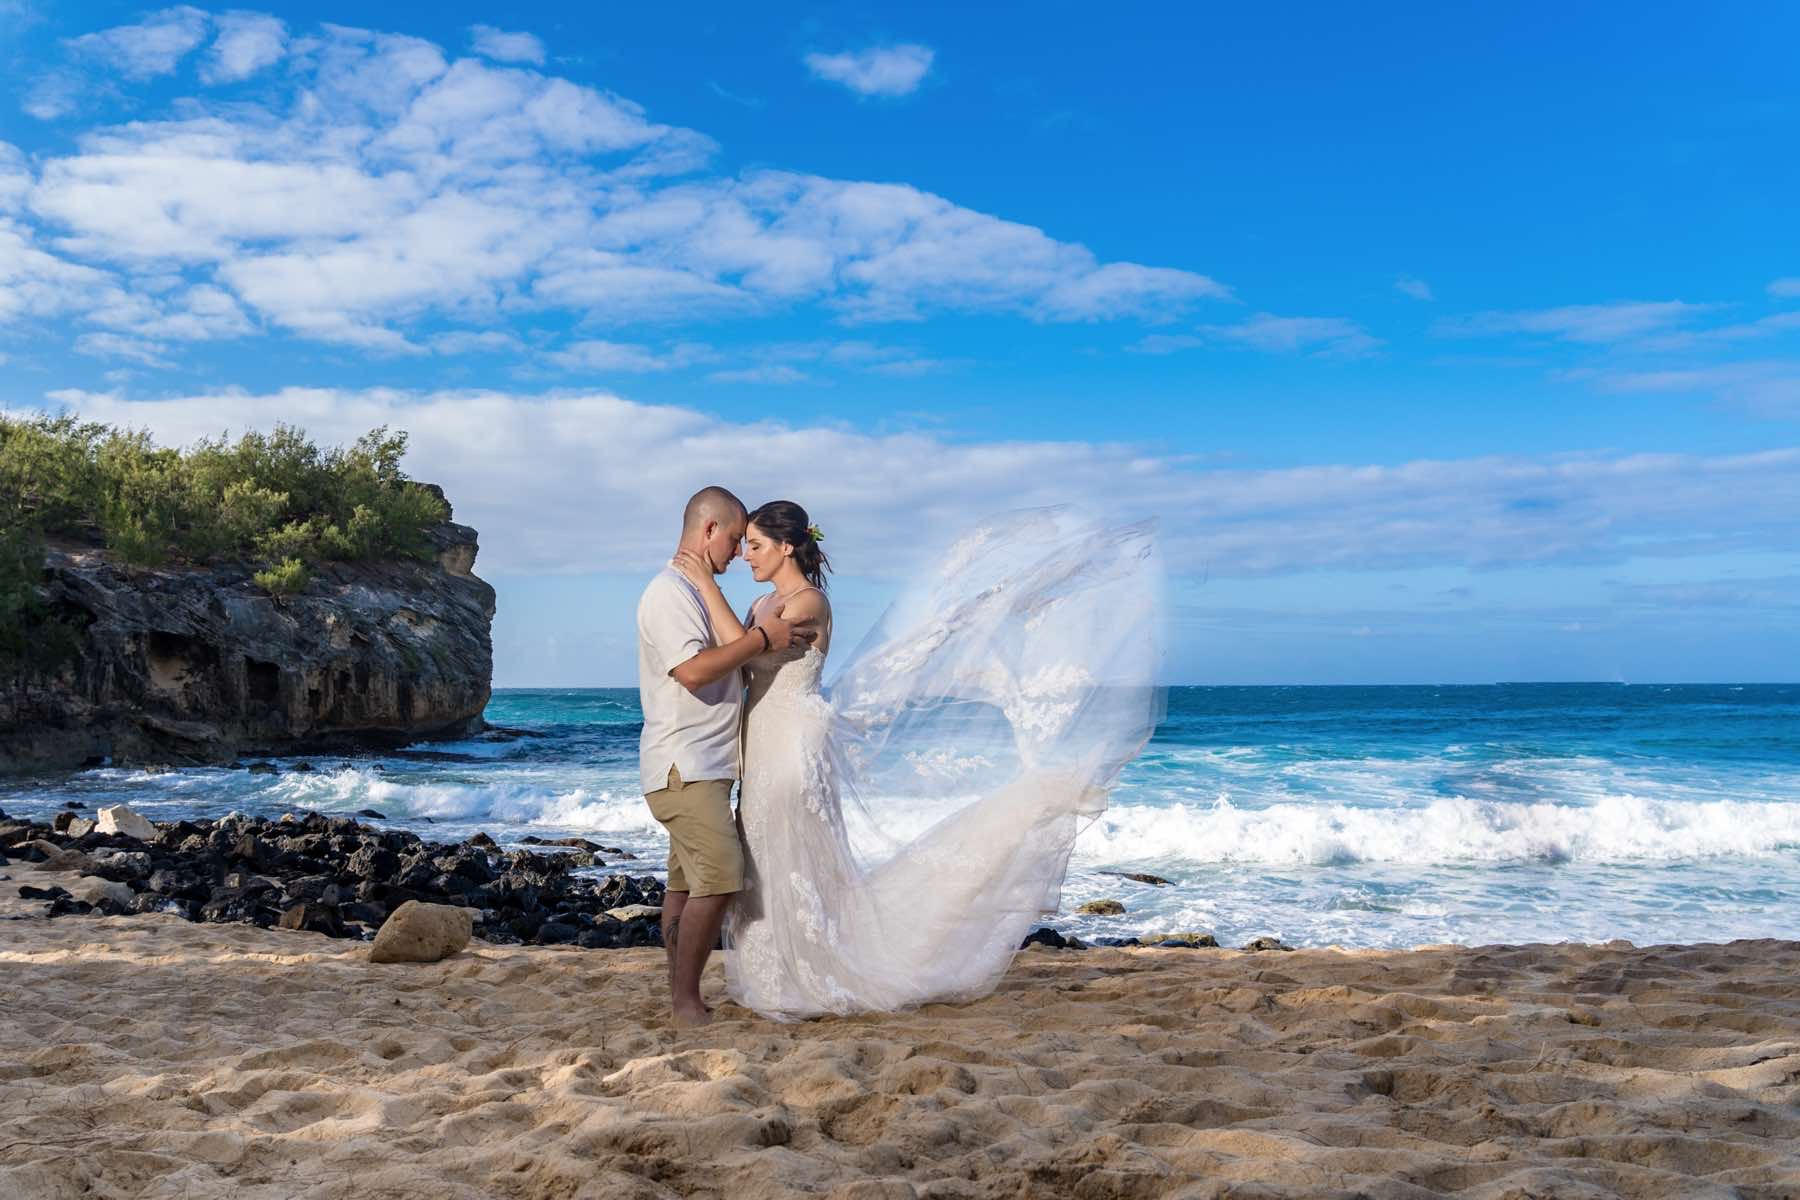 Eric & Cassie on the beach.